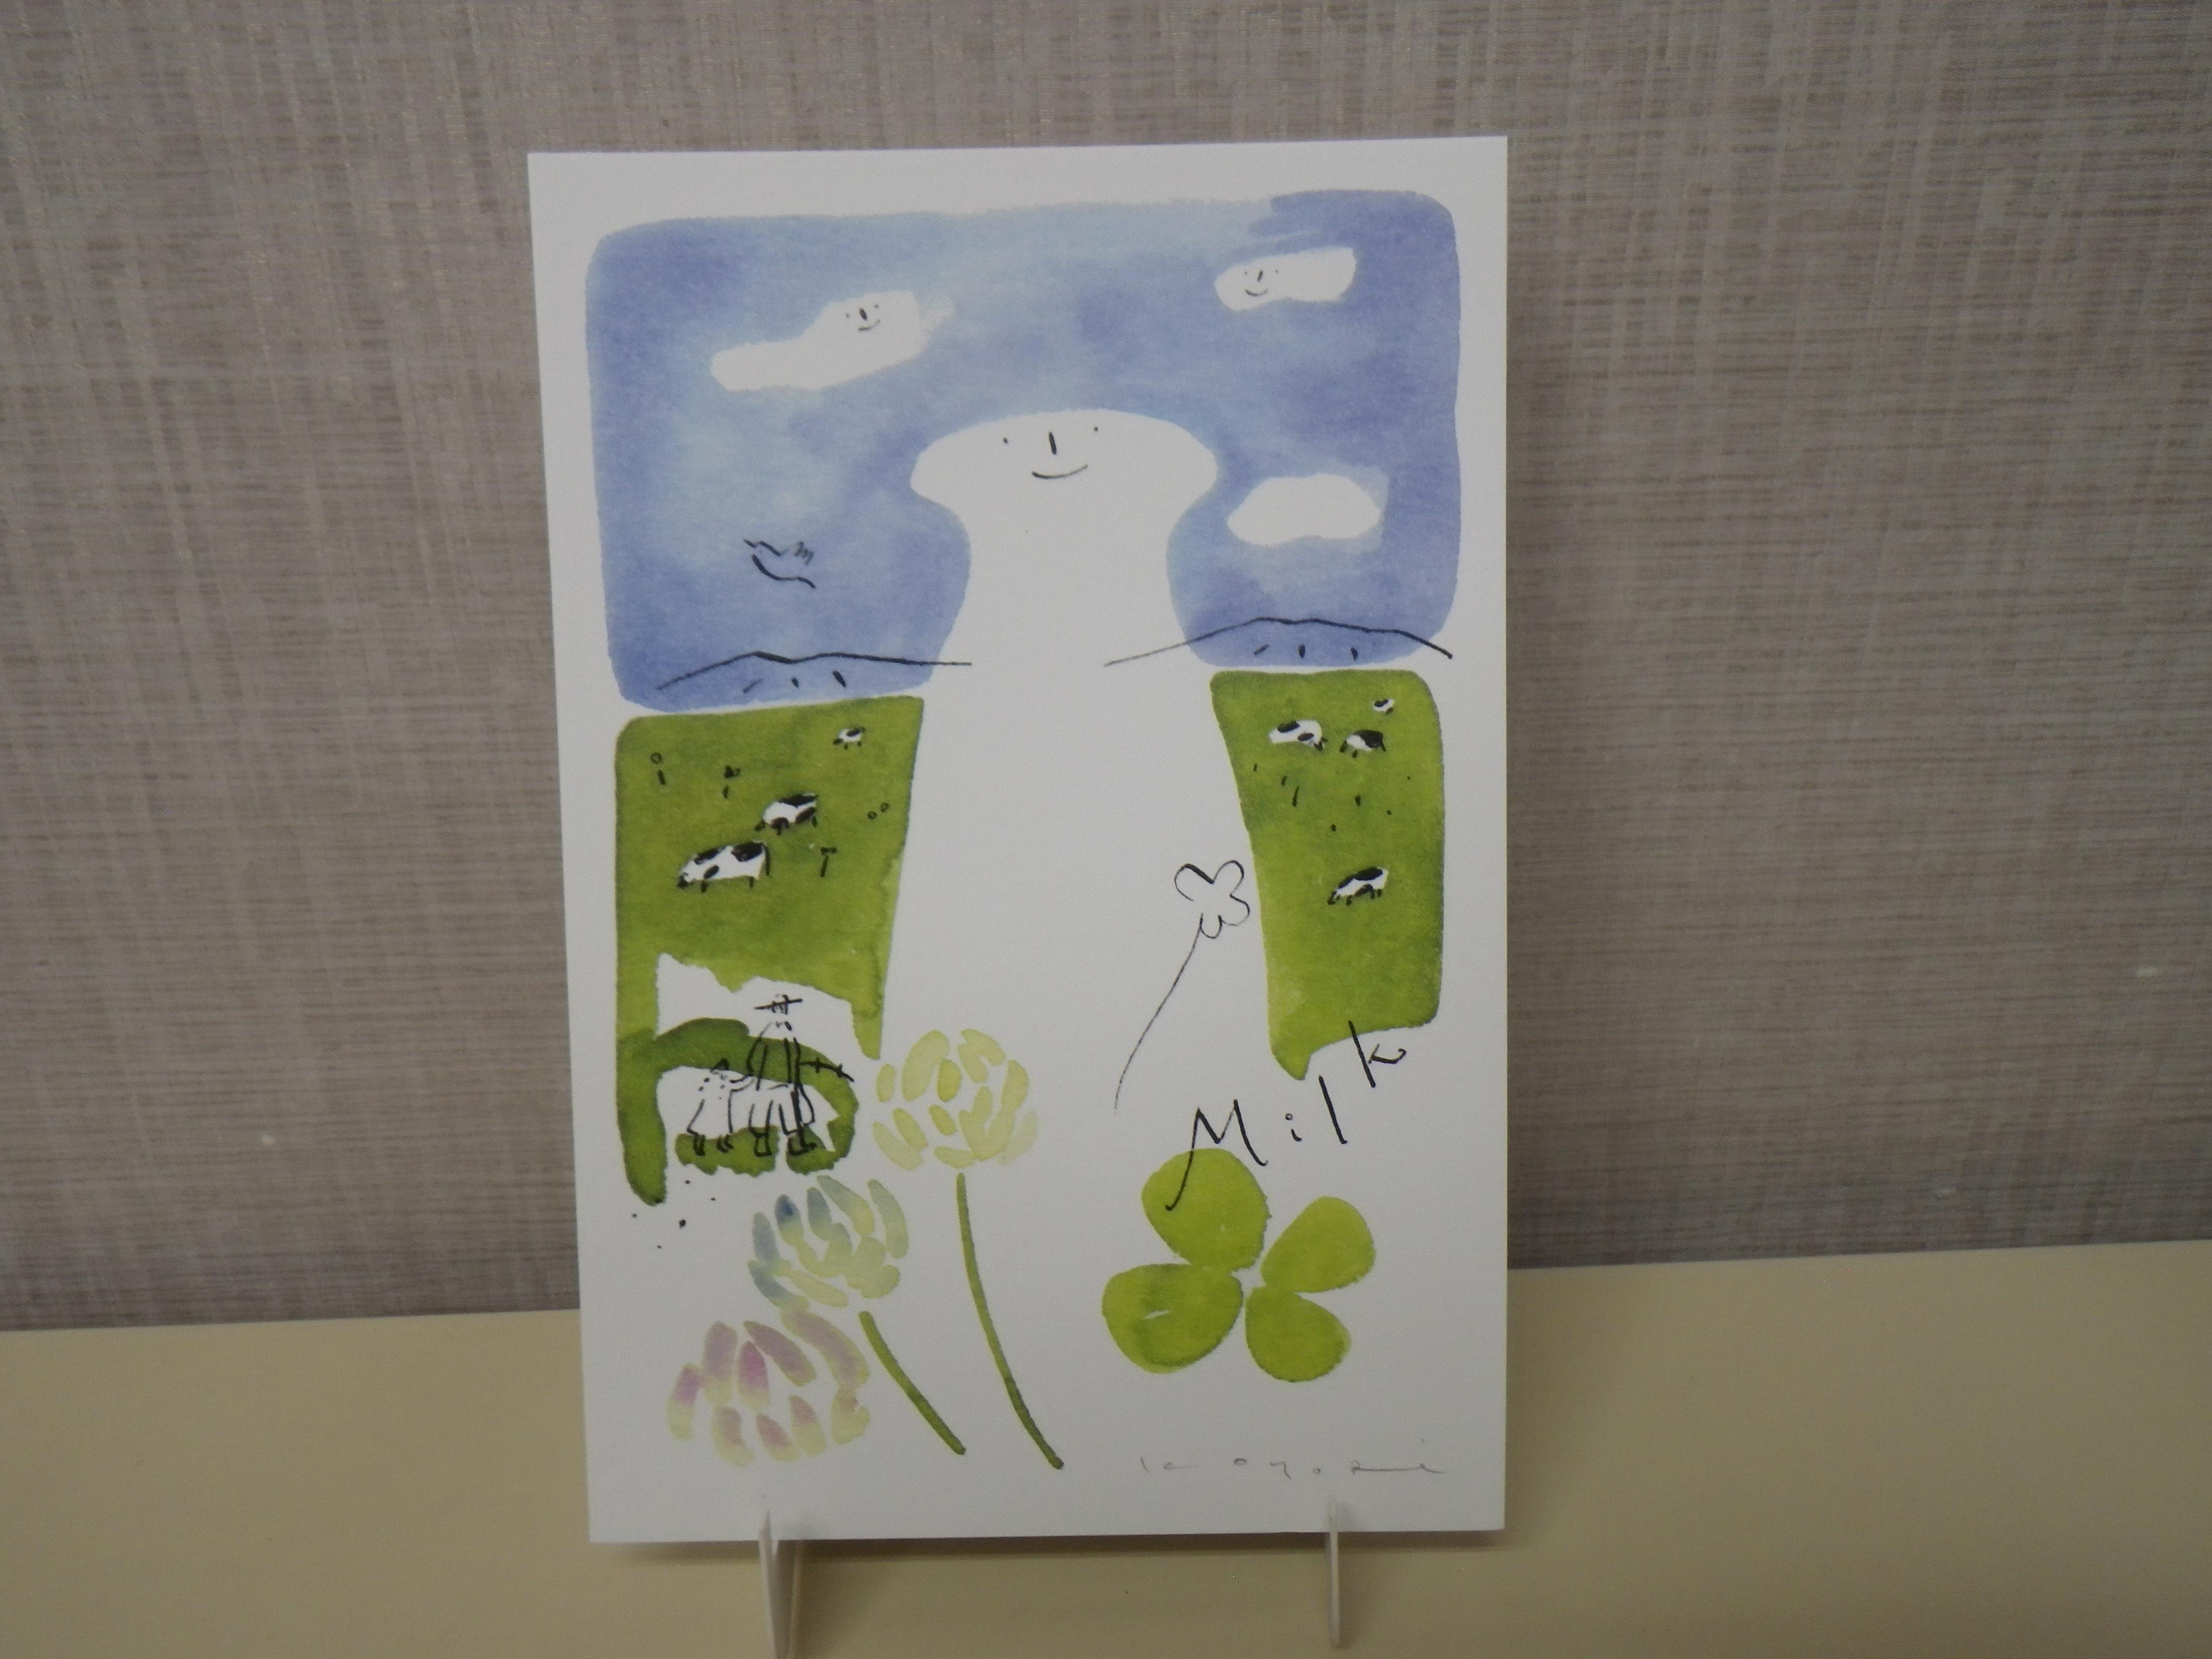 佐々木小世里おいしい牛乳はおいしい草からと言うタイトルのポストカードの画像